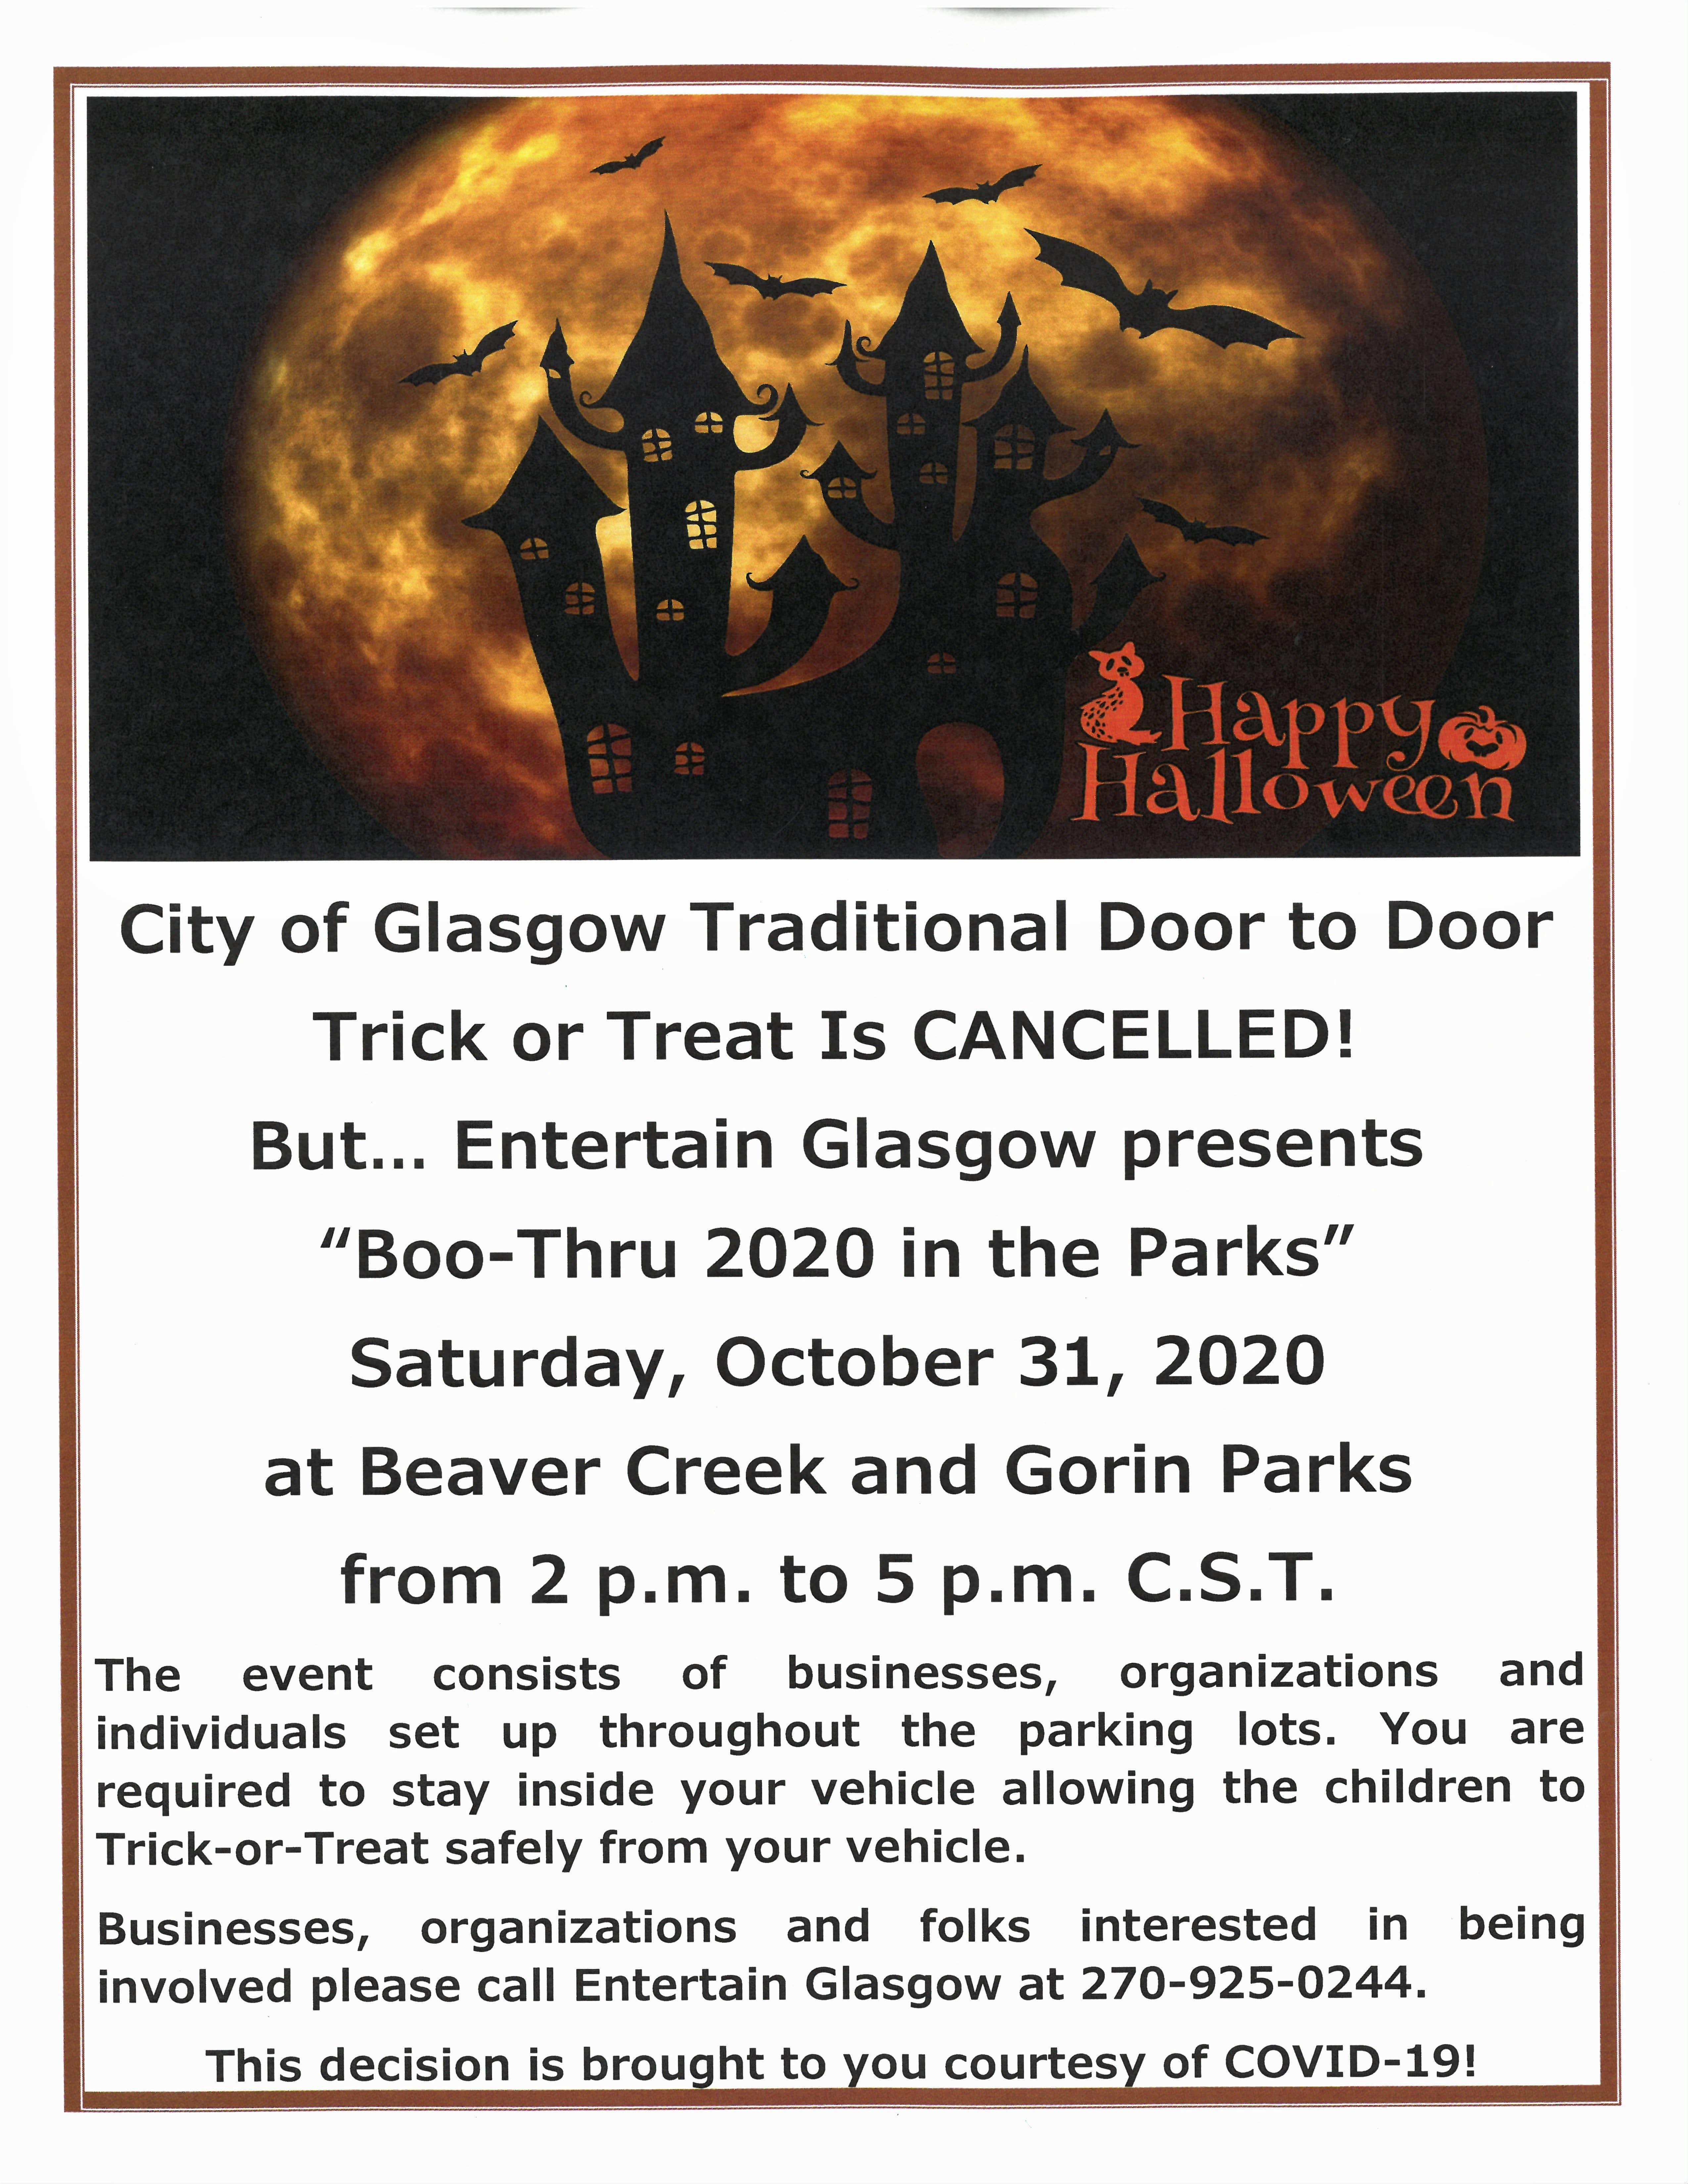 2020 Halloween Events In And Near Glasgow Ky City retracts statement regarding Halloween, regular activities